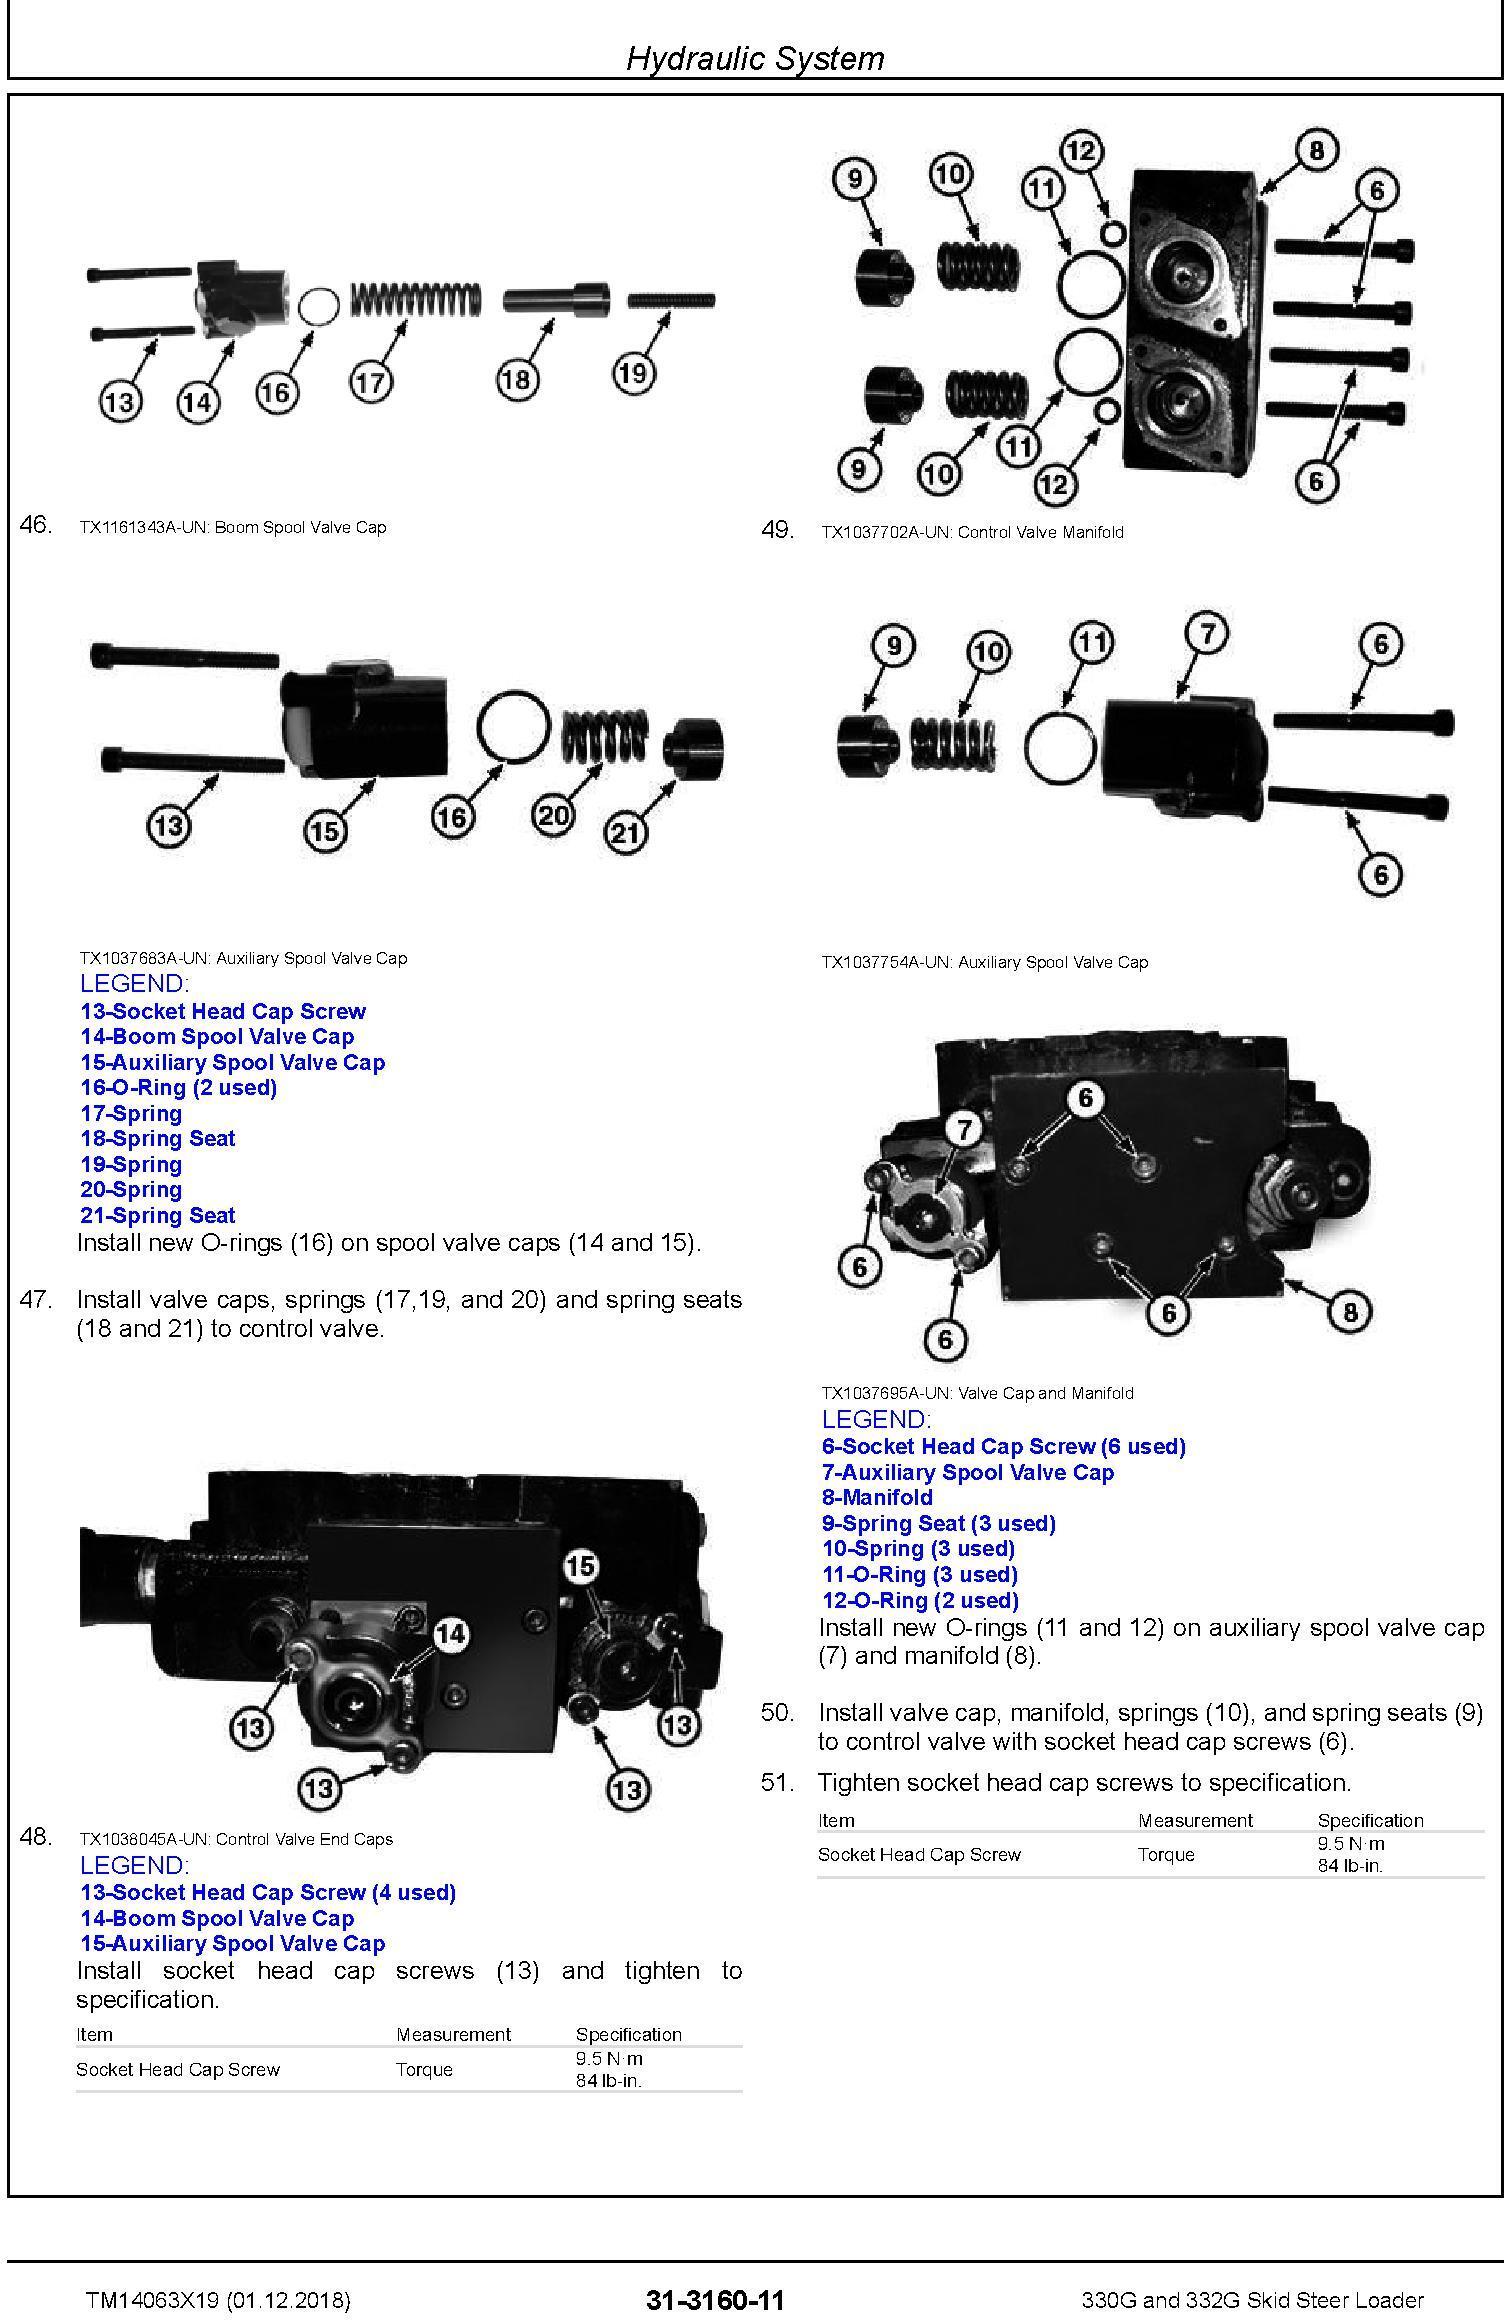 John Deere 330G and 332G Skid Steer Loader Repair Service Manual (TM14063X19) - 2